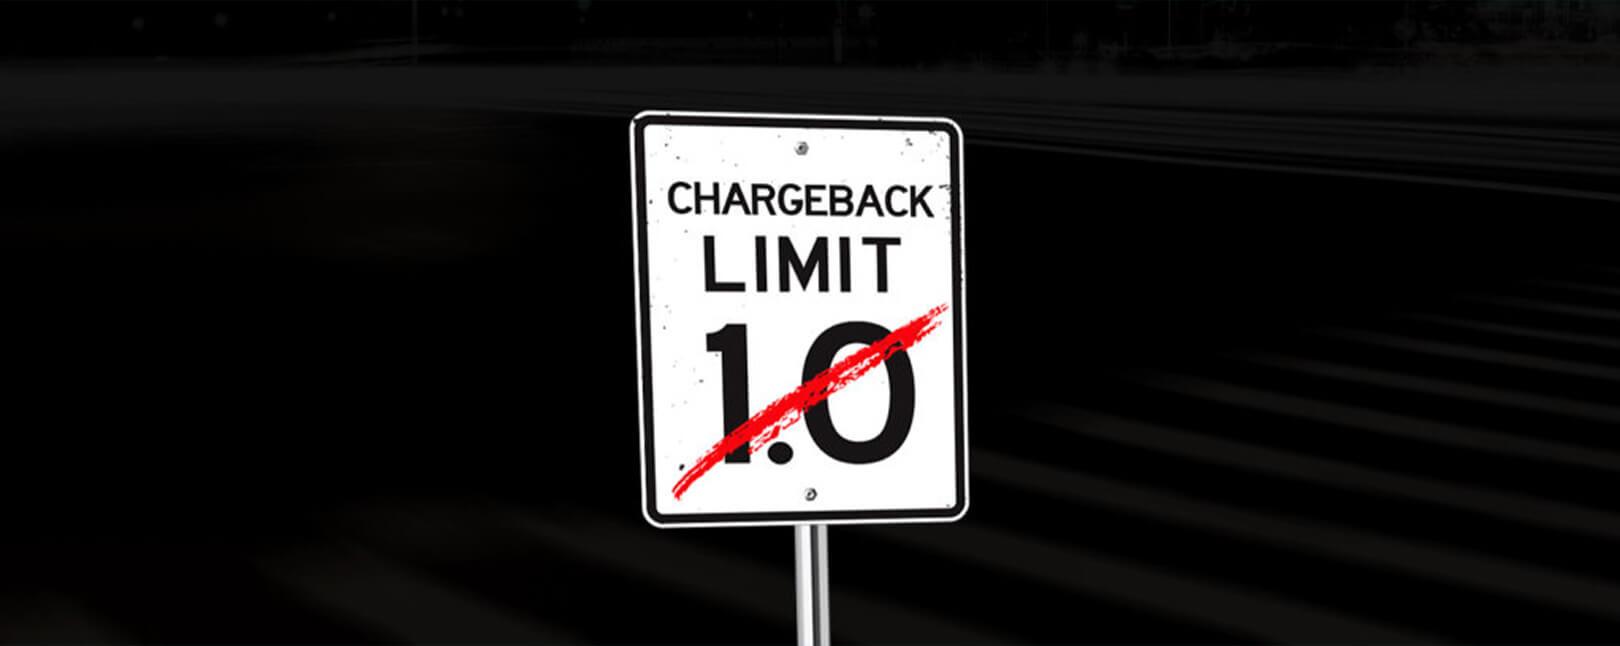 Visa Chargeback Threshold